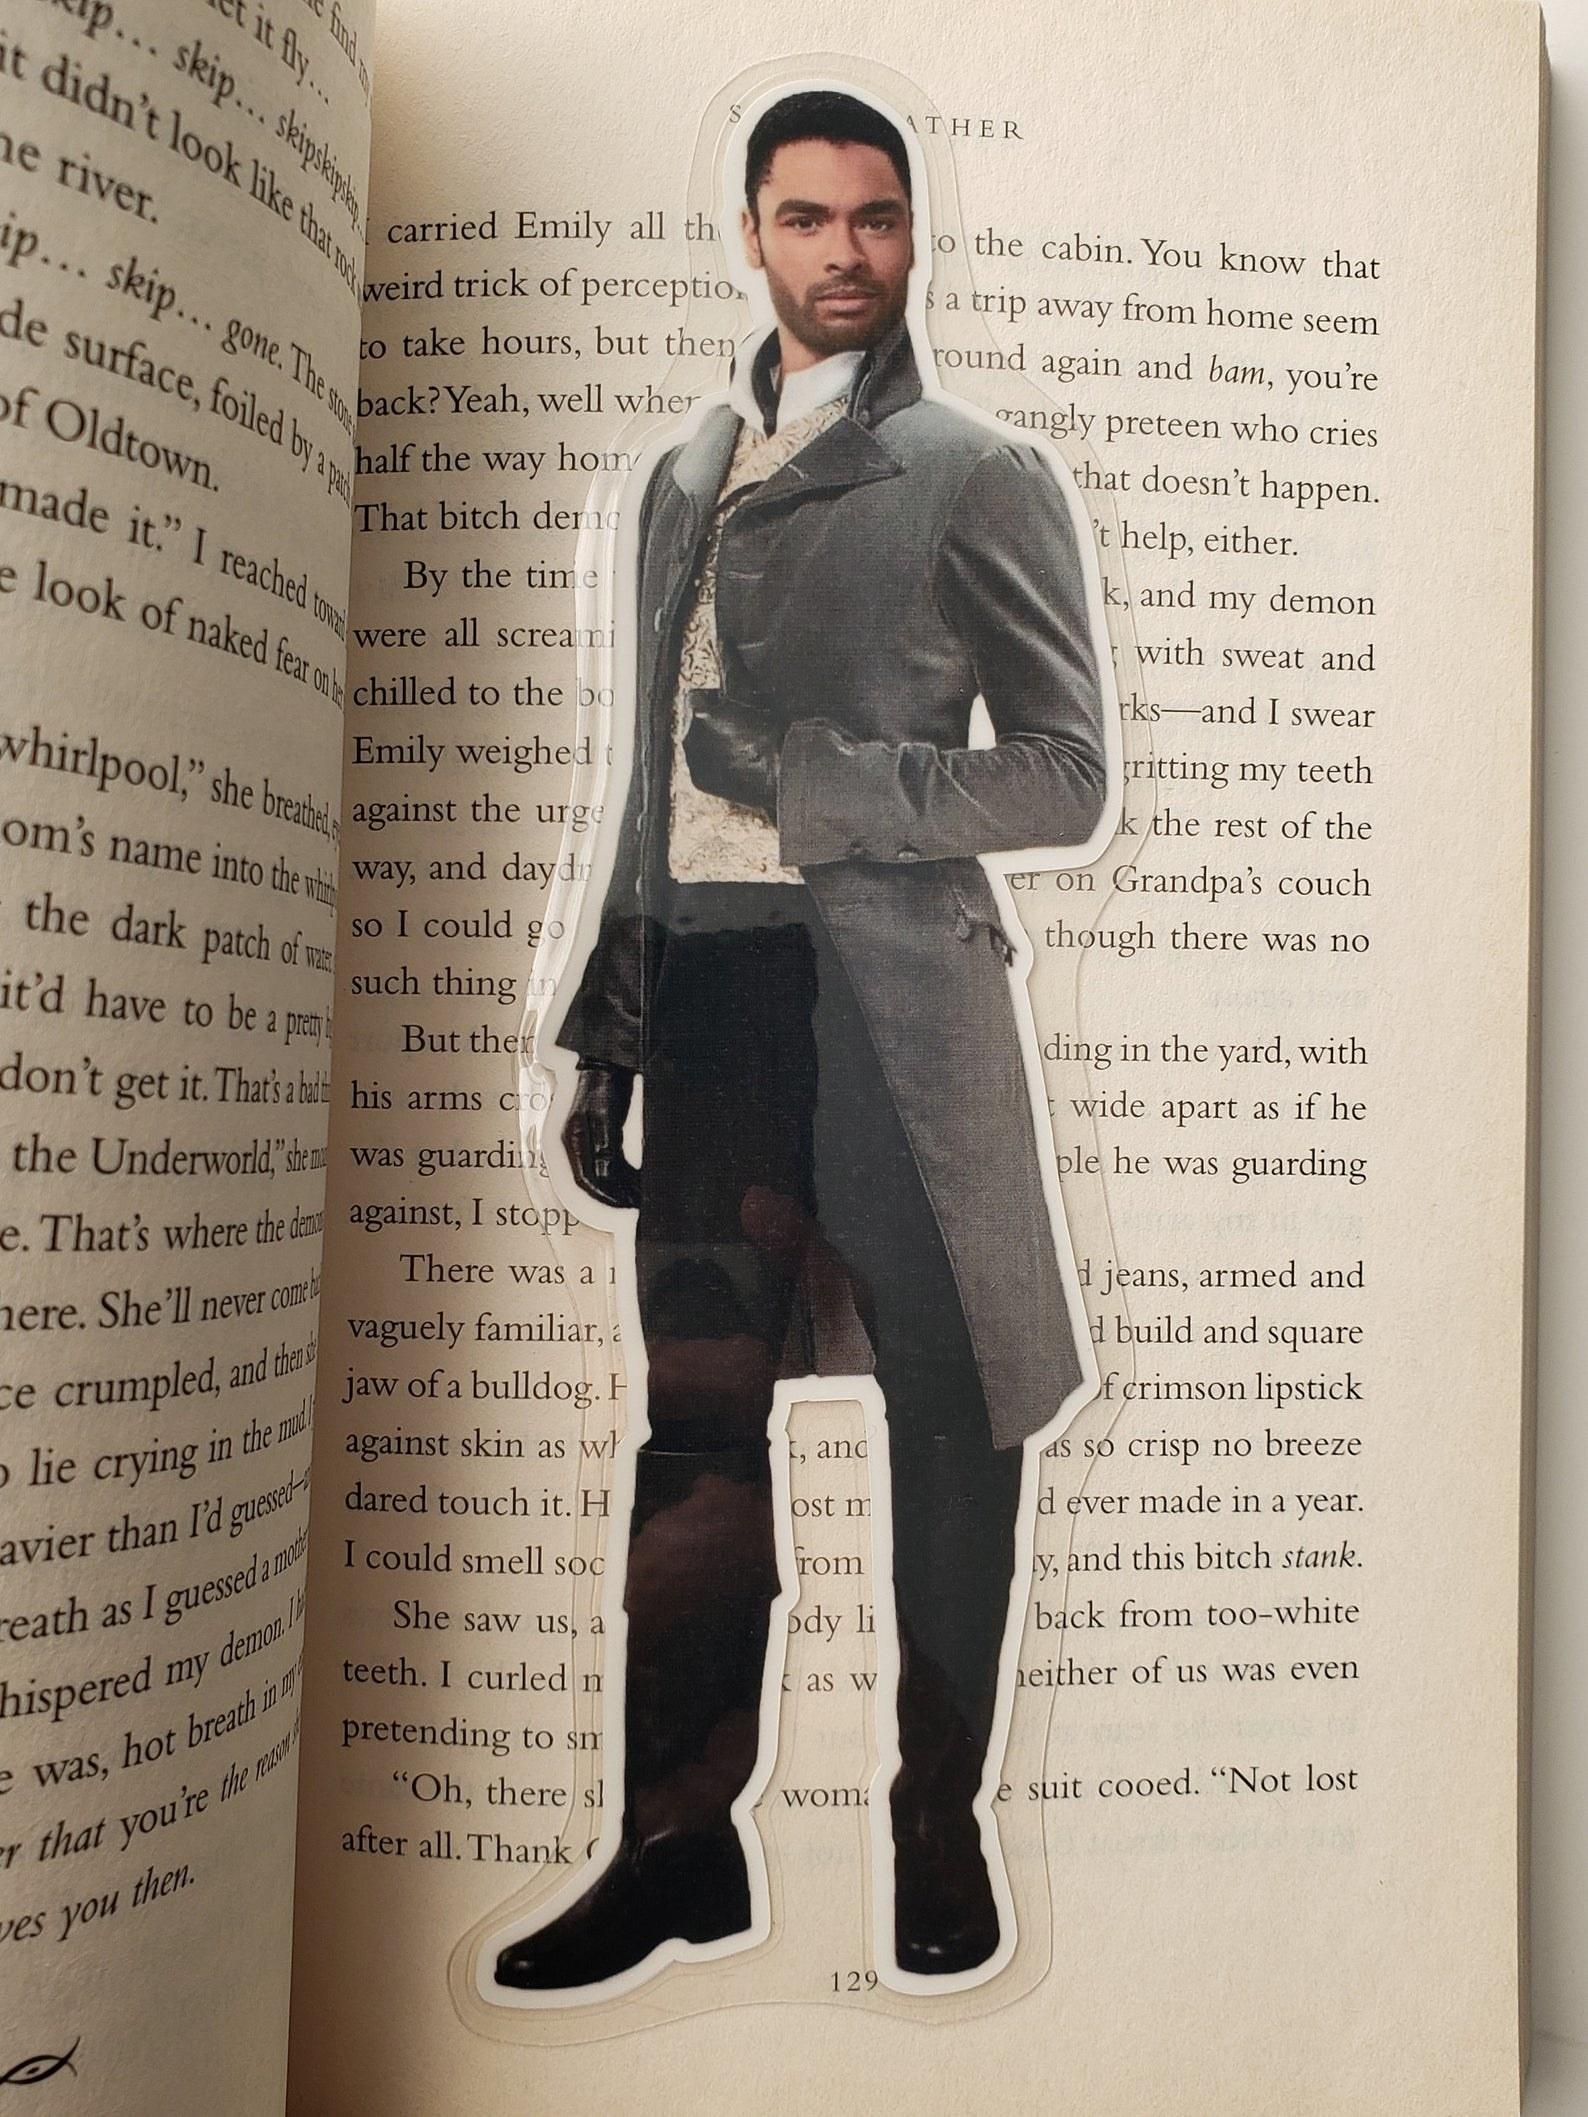 Duke of hastings bookmark